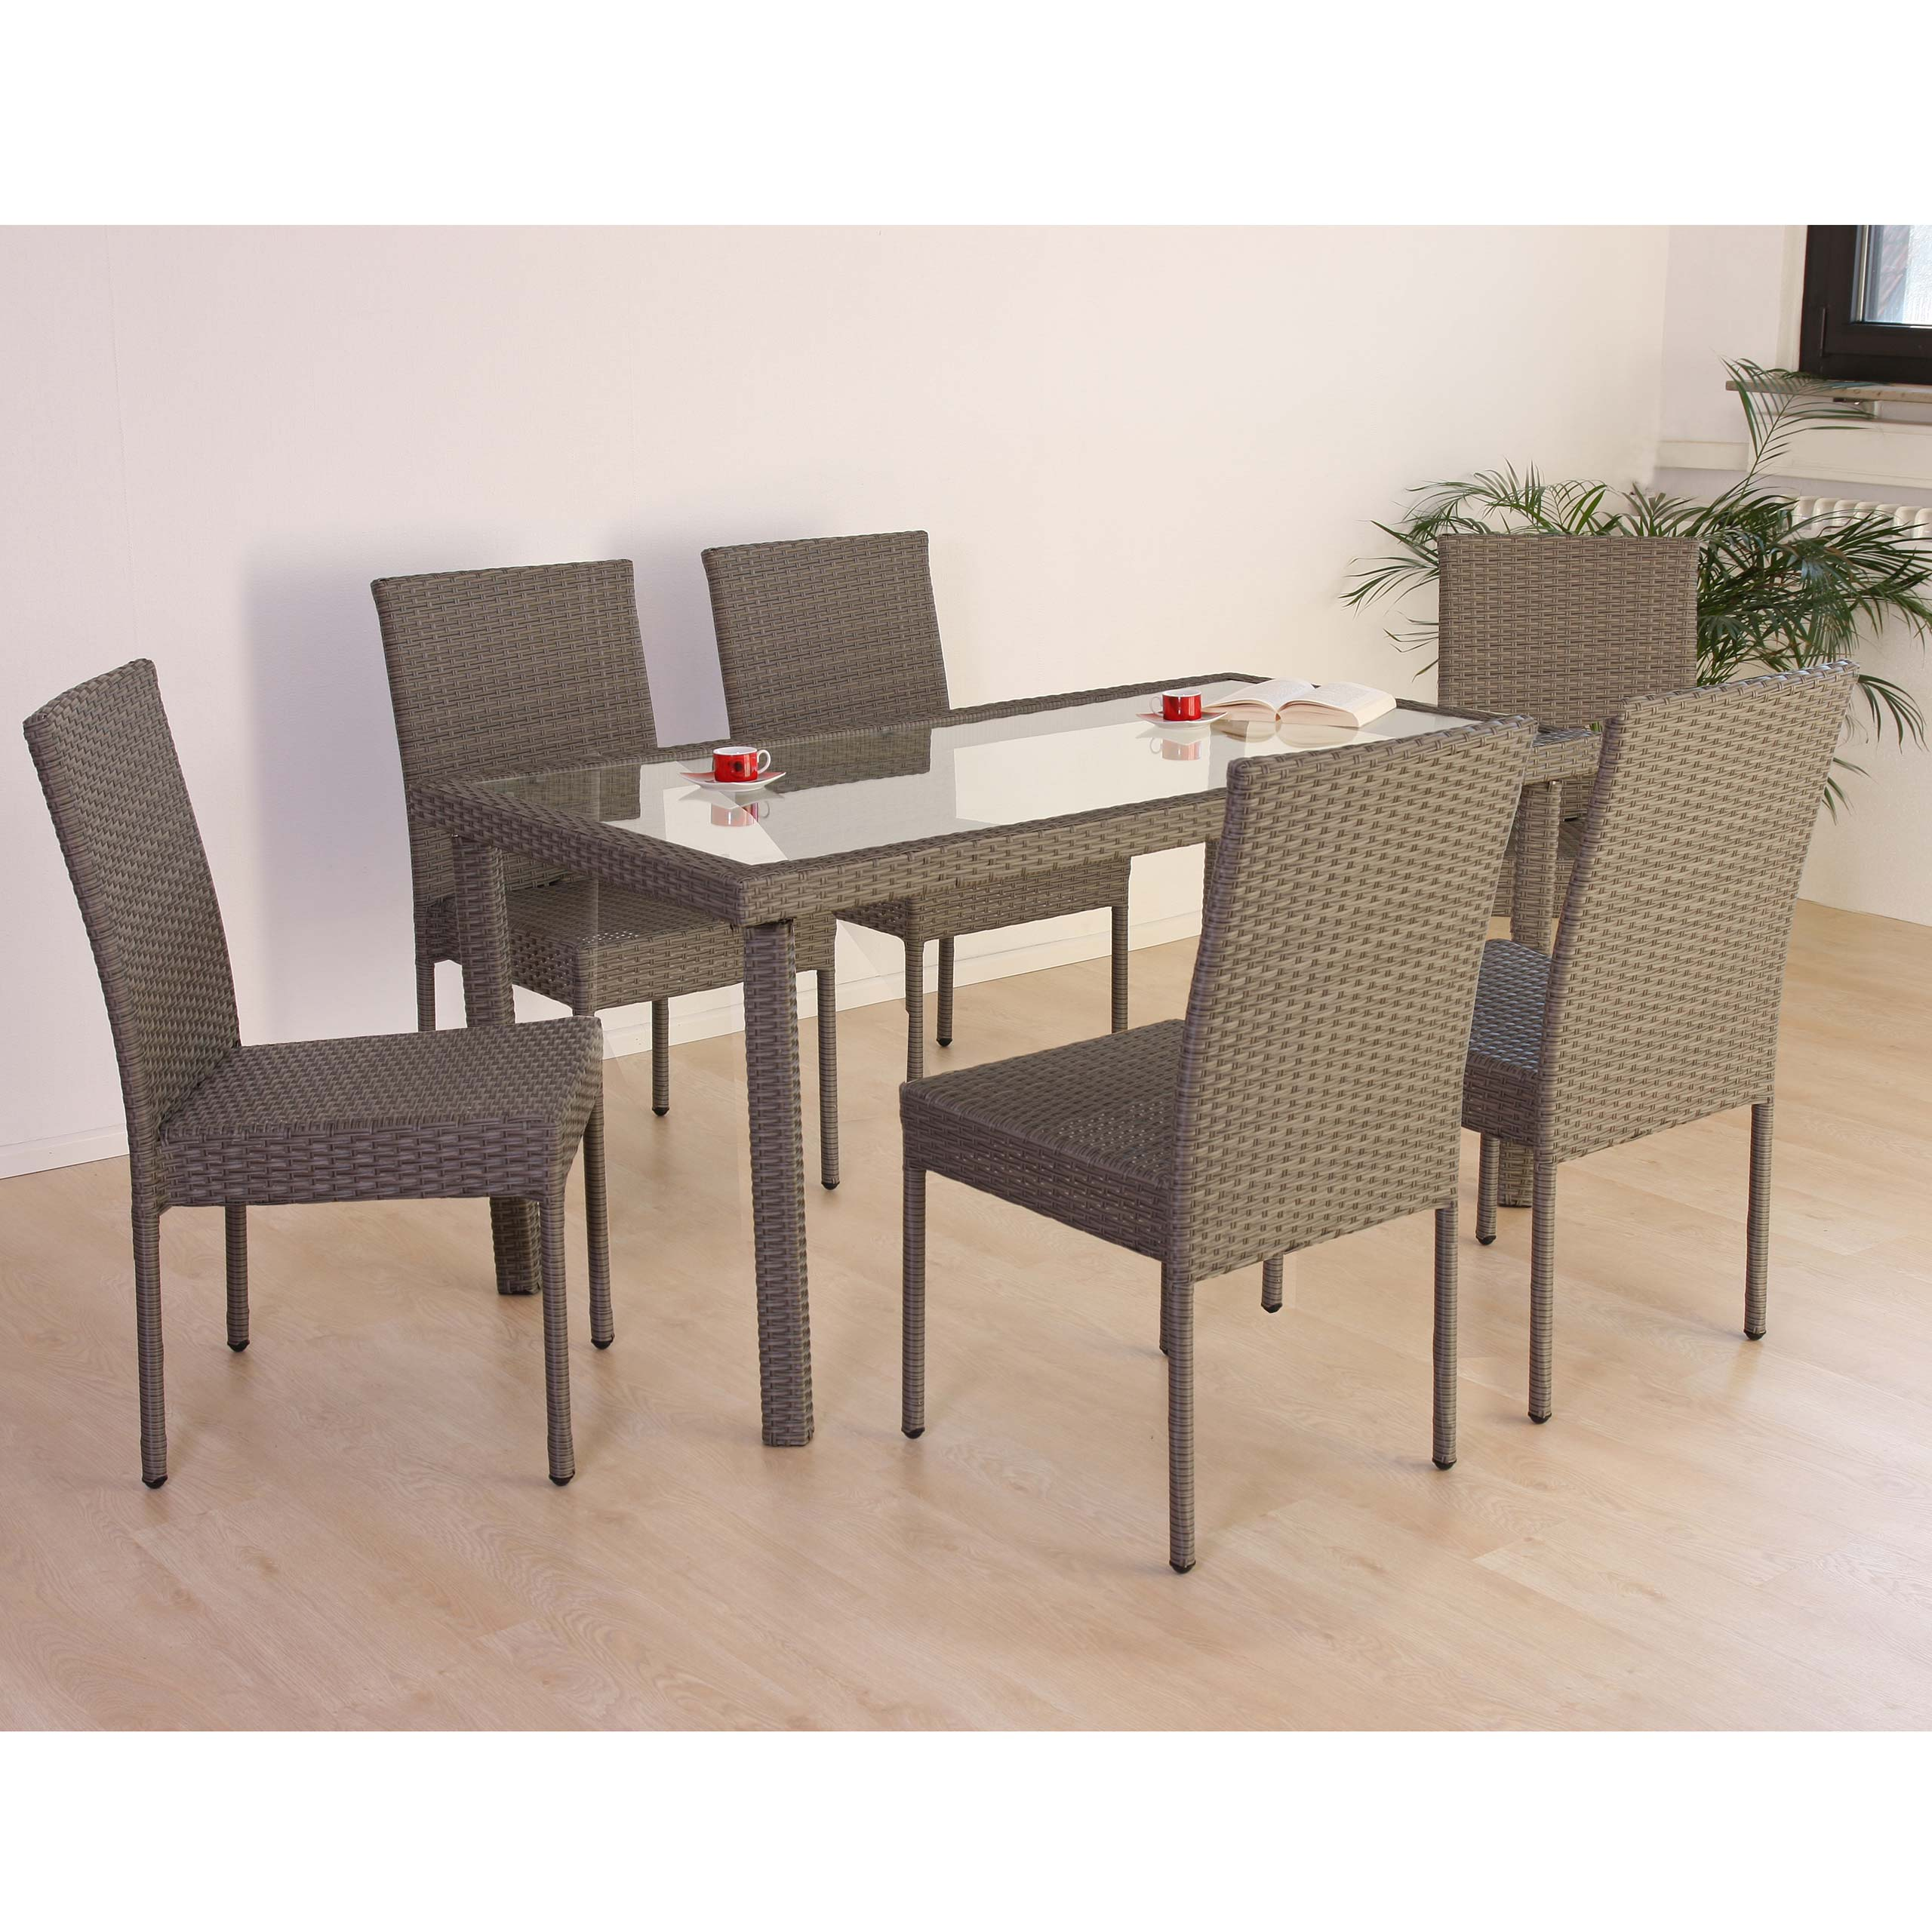 Schön Poly Rattan Garten Garnitur Esszimmer Set RomV,6 Stapelstühle+Tisch ~